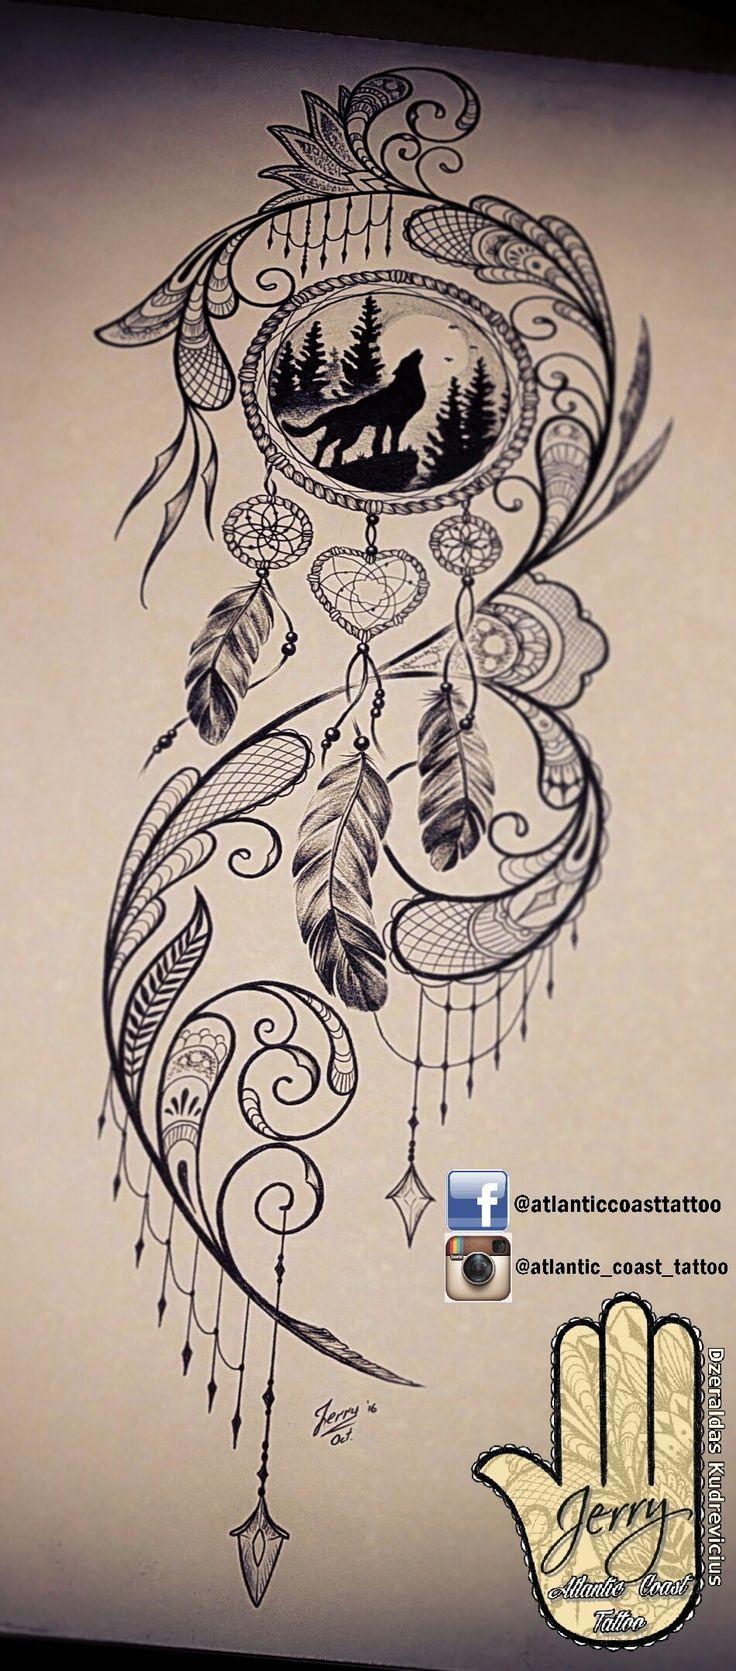 25 Striking Hamsa Tattoo Designs Wolves - Beautiful tattoo idea design for a thigh dream catcher tattoo wolf tattoo ideas